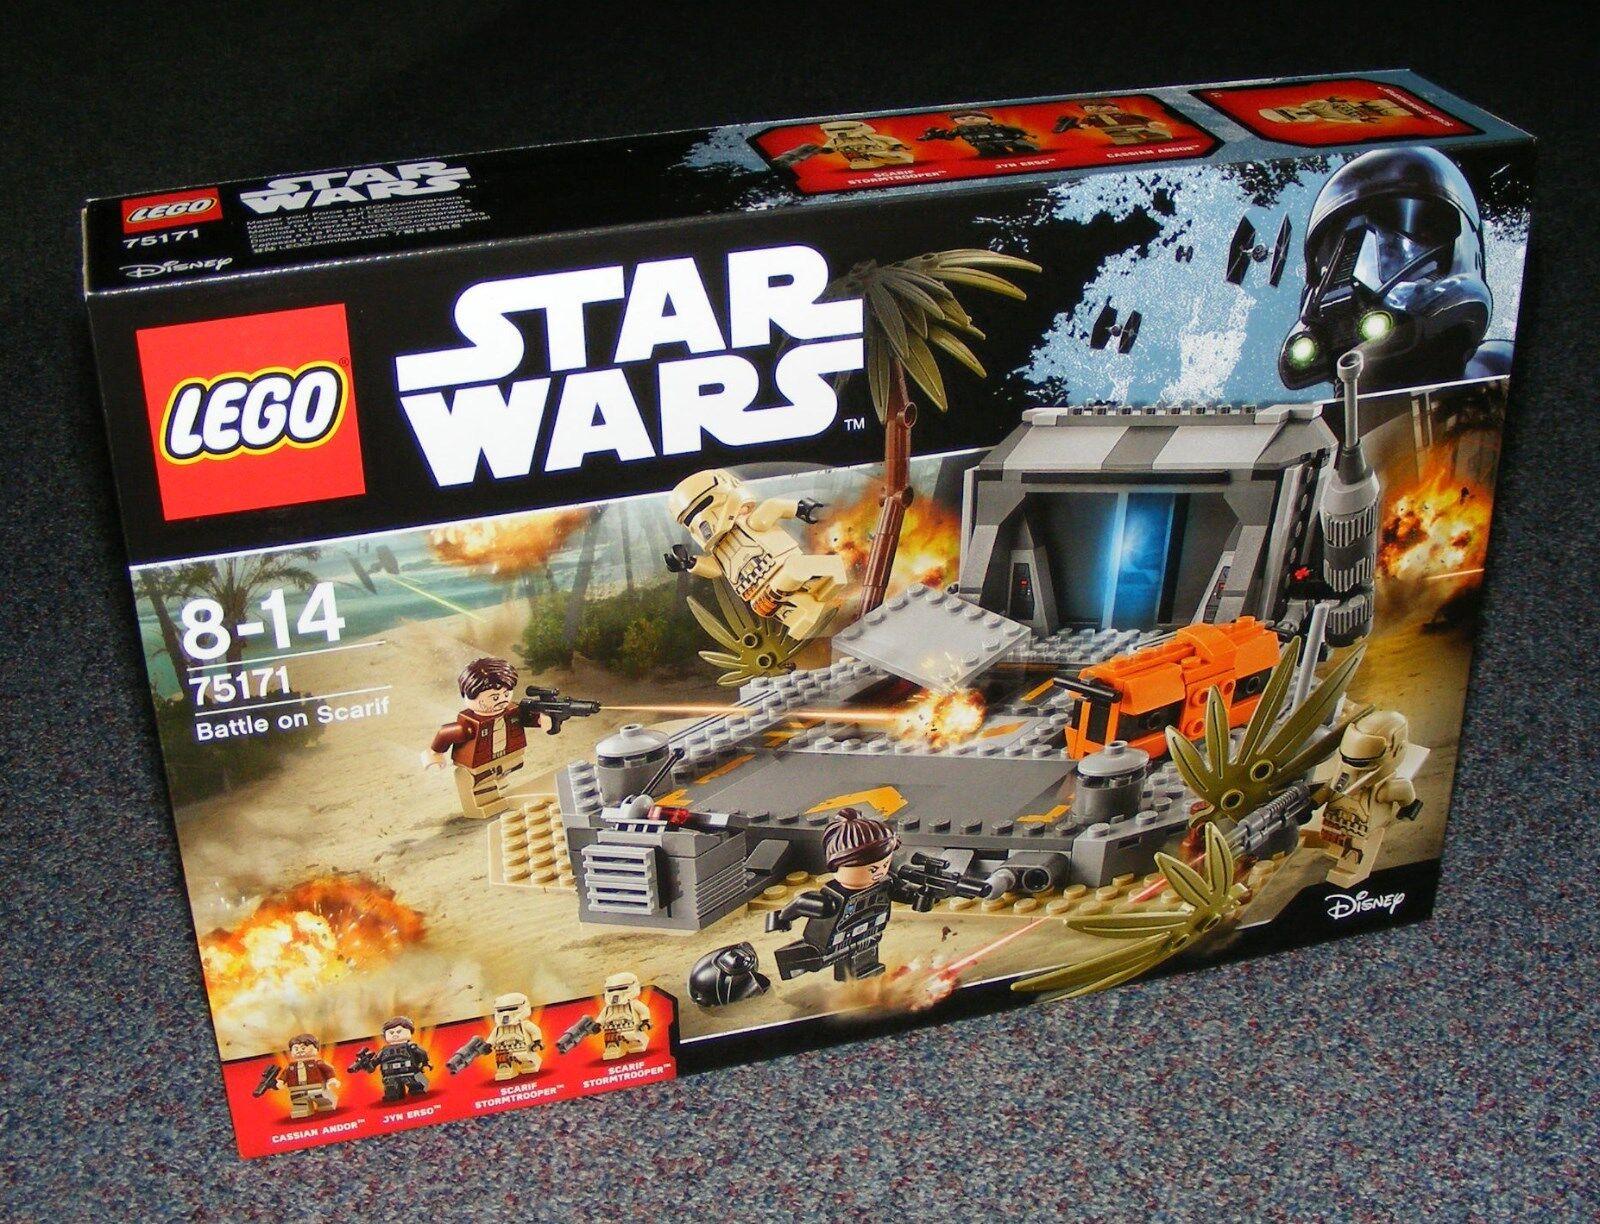 STAR WARS LEGO 75171 BATTLE ON SCARIF BRAND NEW SEALED BNIB